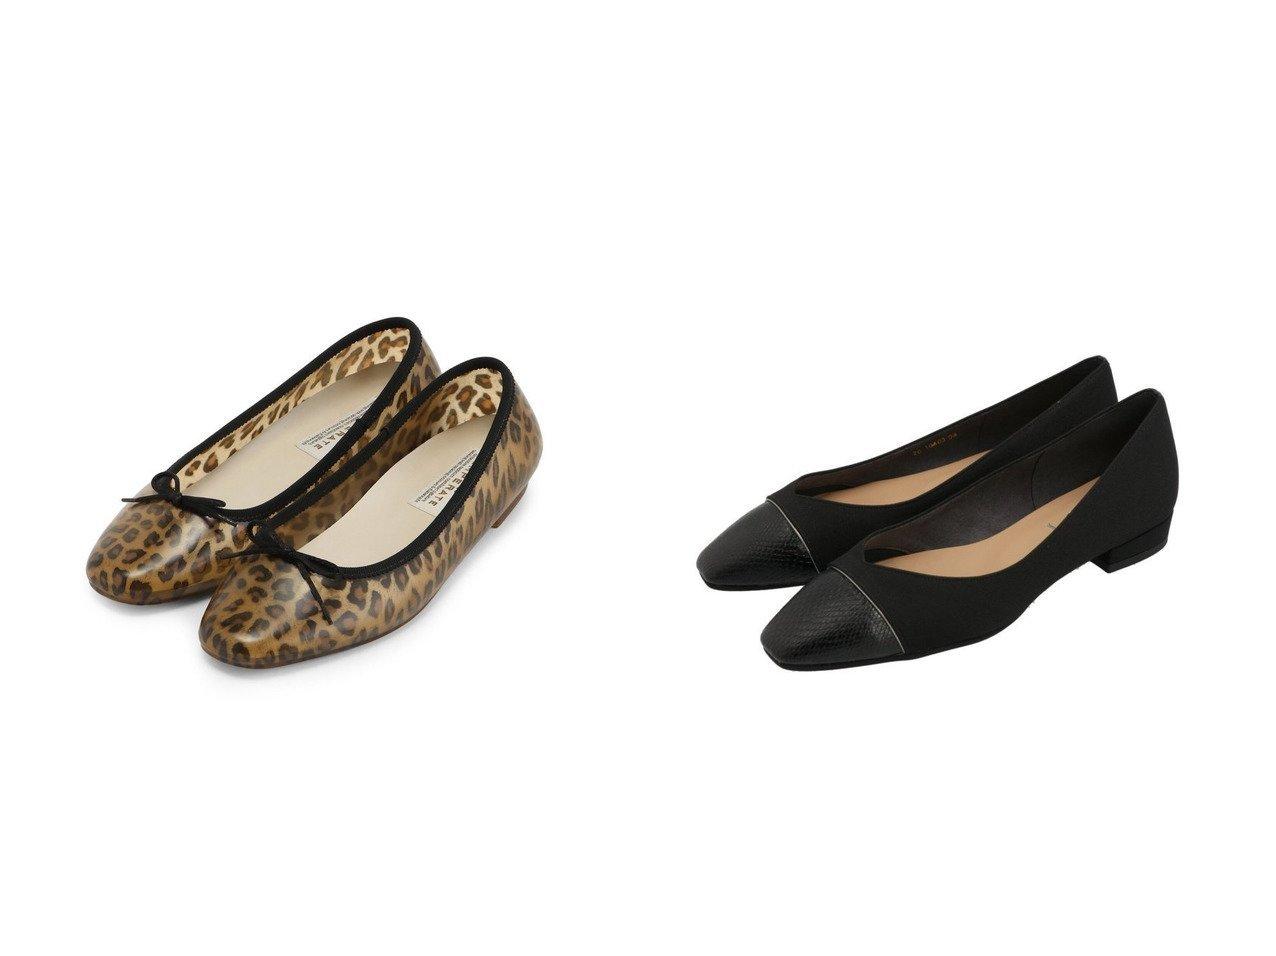 【Le Talon/ル タロン】のLEOスクエアバレエ&スクエアトゥキャップVカットフラット シューズ・靴のおすすめ!人気、トレンド・レディースファッションの通販  おすすめで人気の流行・トレンド、ファッションの通販商品 メンズファッション・キッズファッション・インテリア・家具・レディースファッション・服の通販 founy(ファニー) https://founy.com/ ファッション Fashion レディースファッション WOMEN コレクション シューズ シンプル スクエア バレエ フィット プリント レオパード A/W 秋冬 AW Autumn/Winter / FW Fall-Winter 2020年 2020 2020-2021 秋冬 A/W AW Autumn/Winter / FW Fall-Winter 2020-2021 NEW・新作・新着・新入荷 New Arrivals インソール フラット ベーシック |ID:crp329100000009822